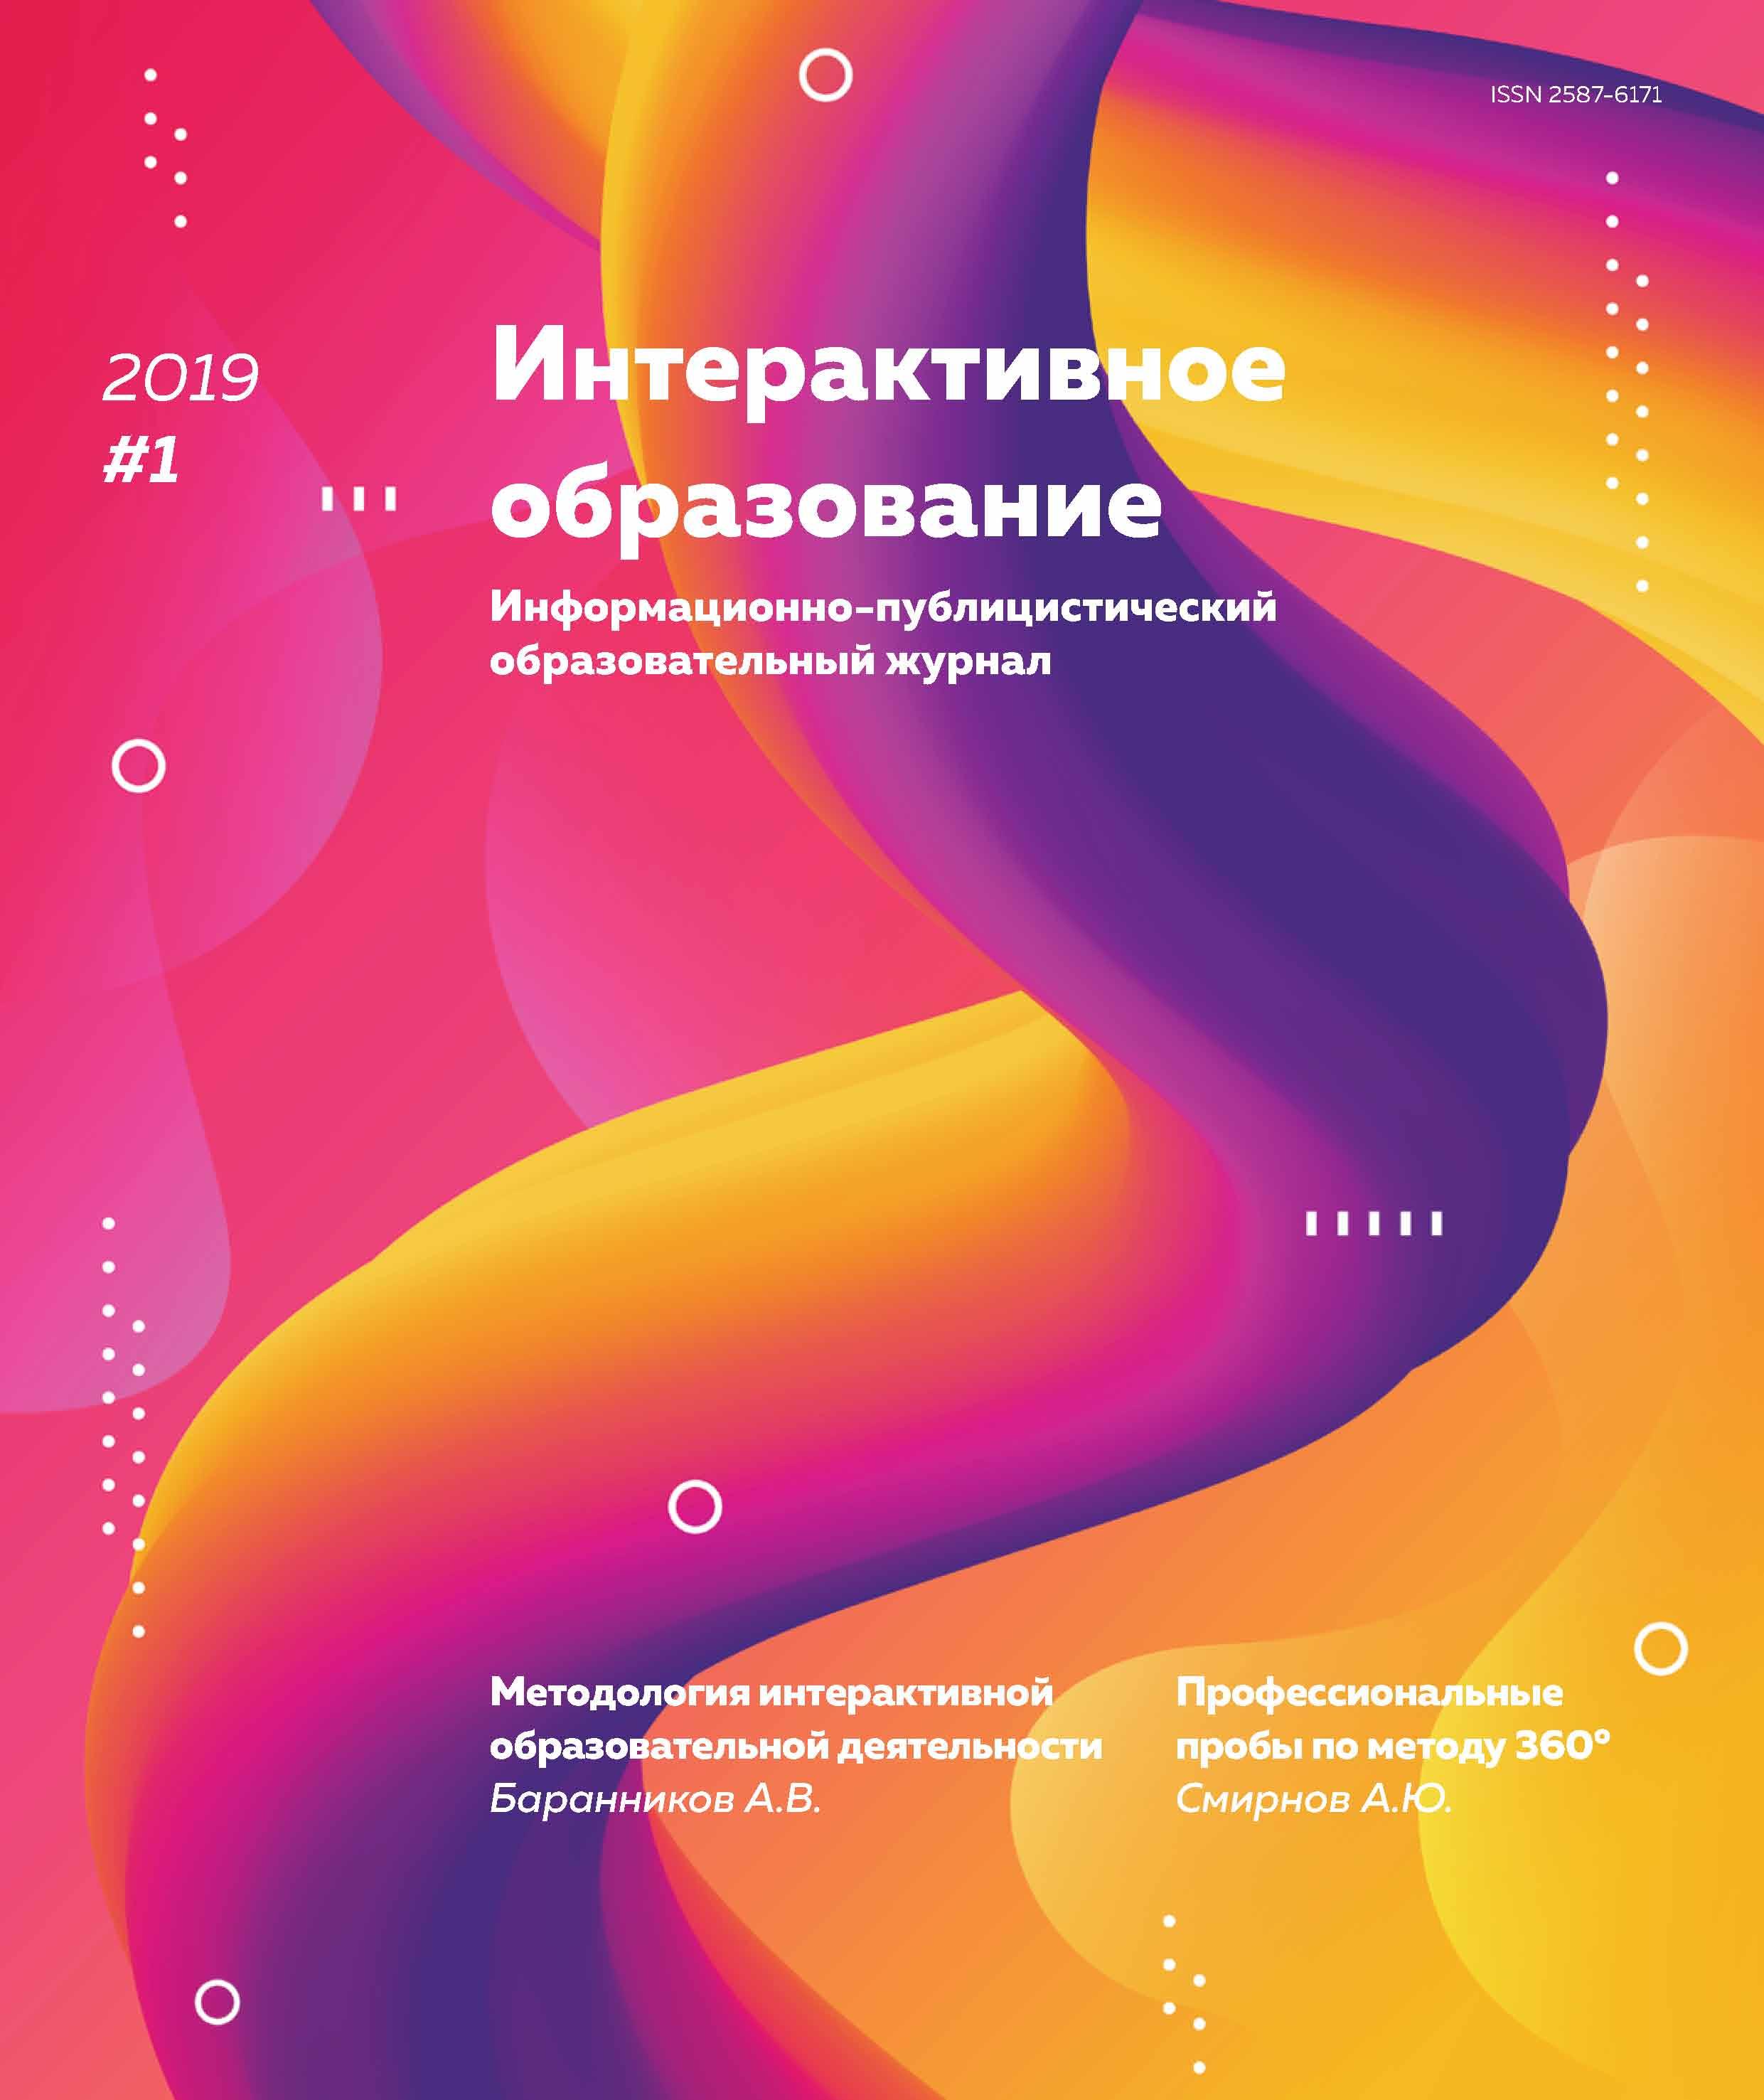 Интерактивное образование № 1 2019 г.